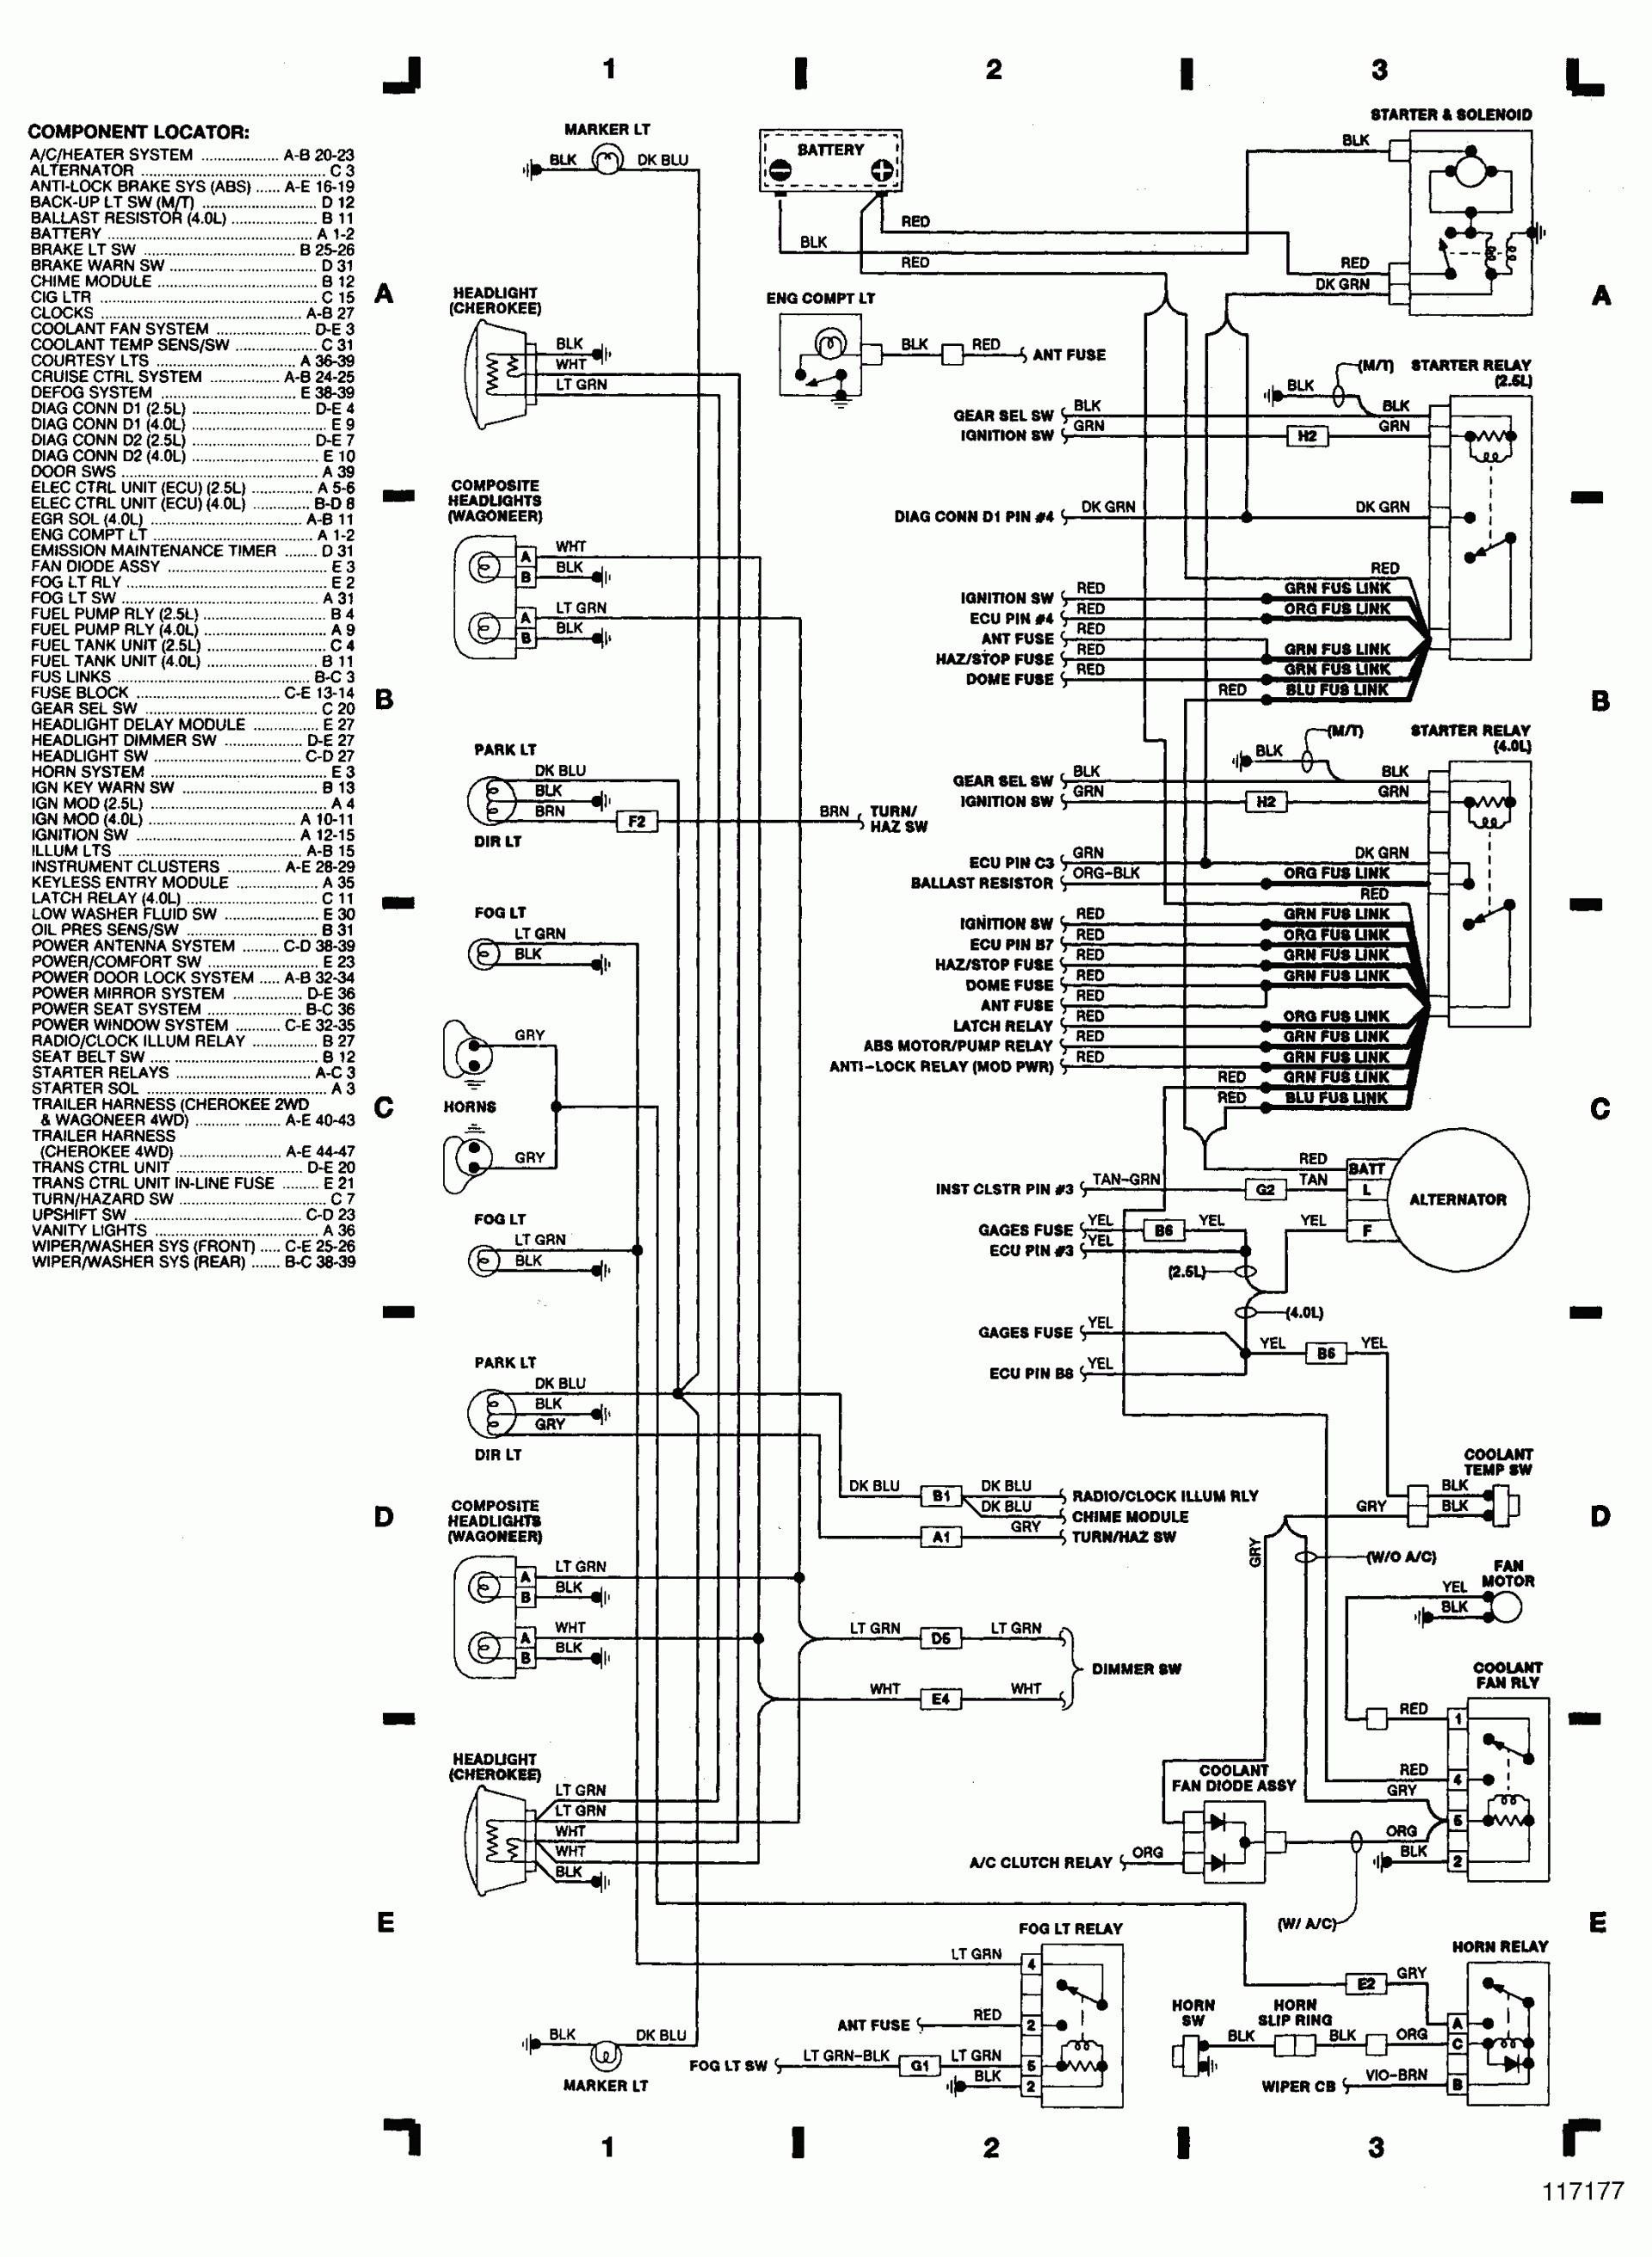 Lt133 Wiring Diagram Detailed Schematics John Deere Lt155 Image Electrical Schematic